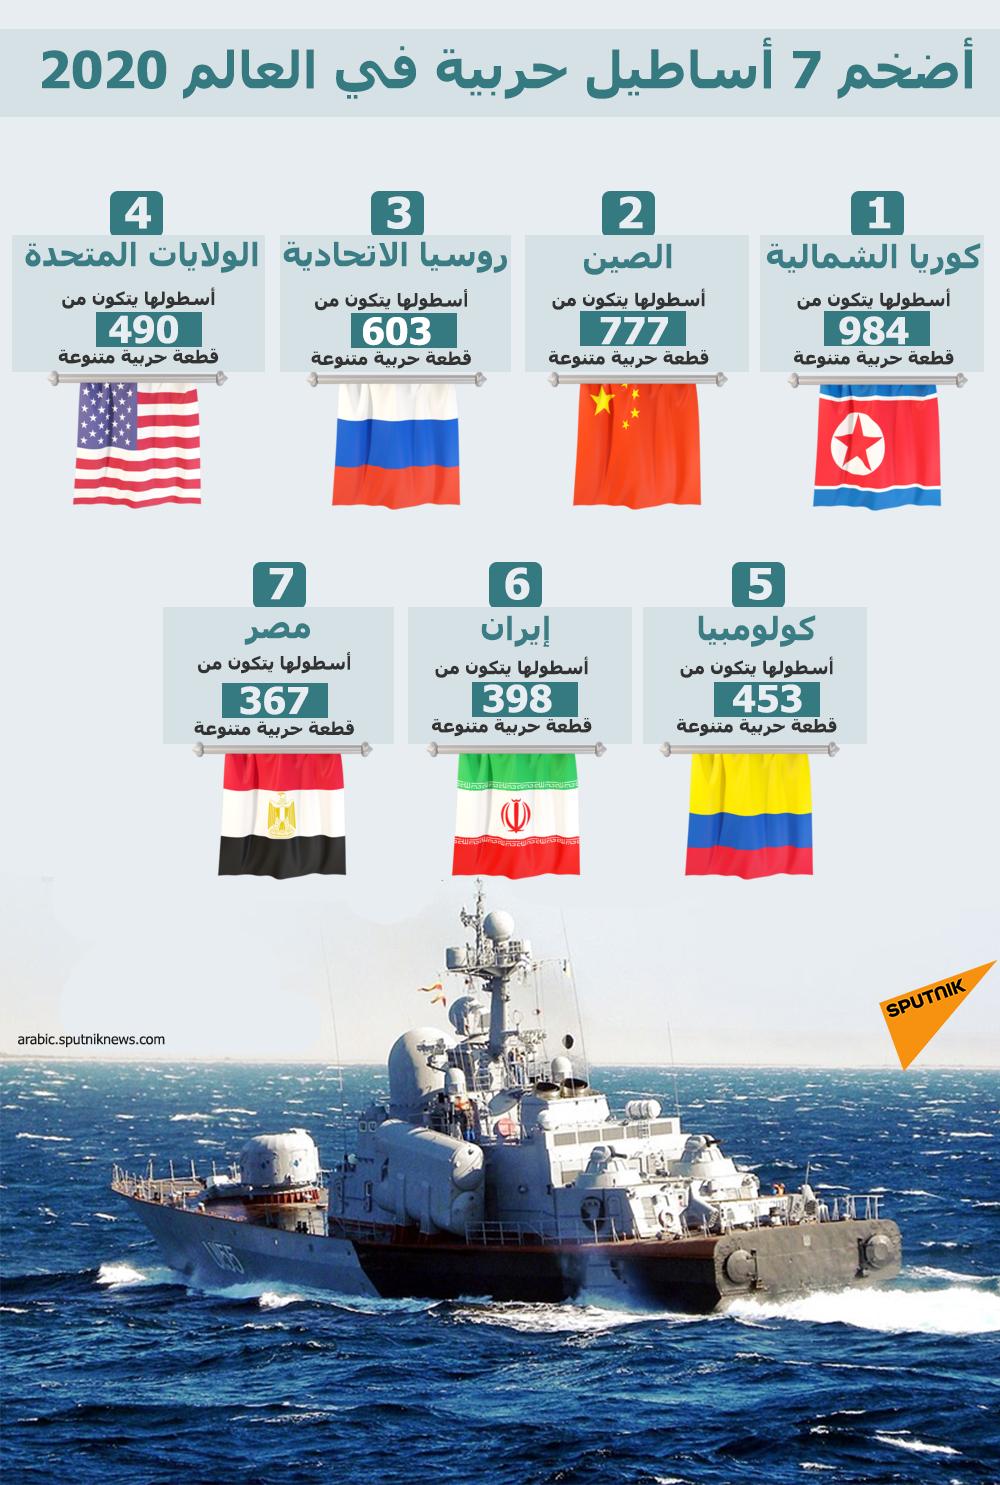 أضخم 7 أساطيل حربية في العالم 2020